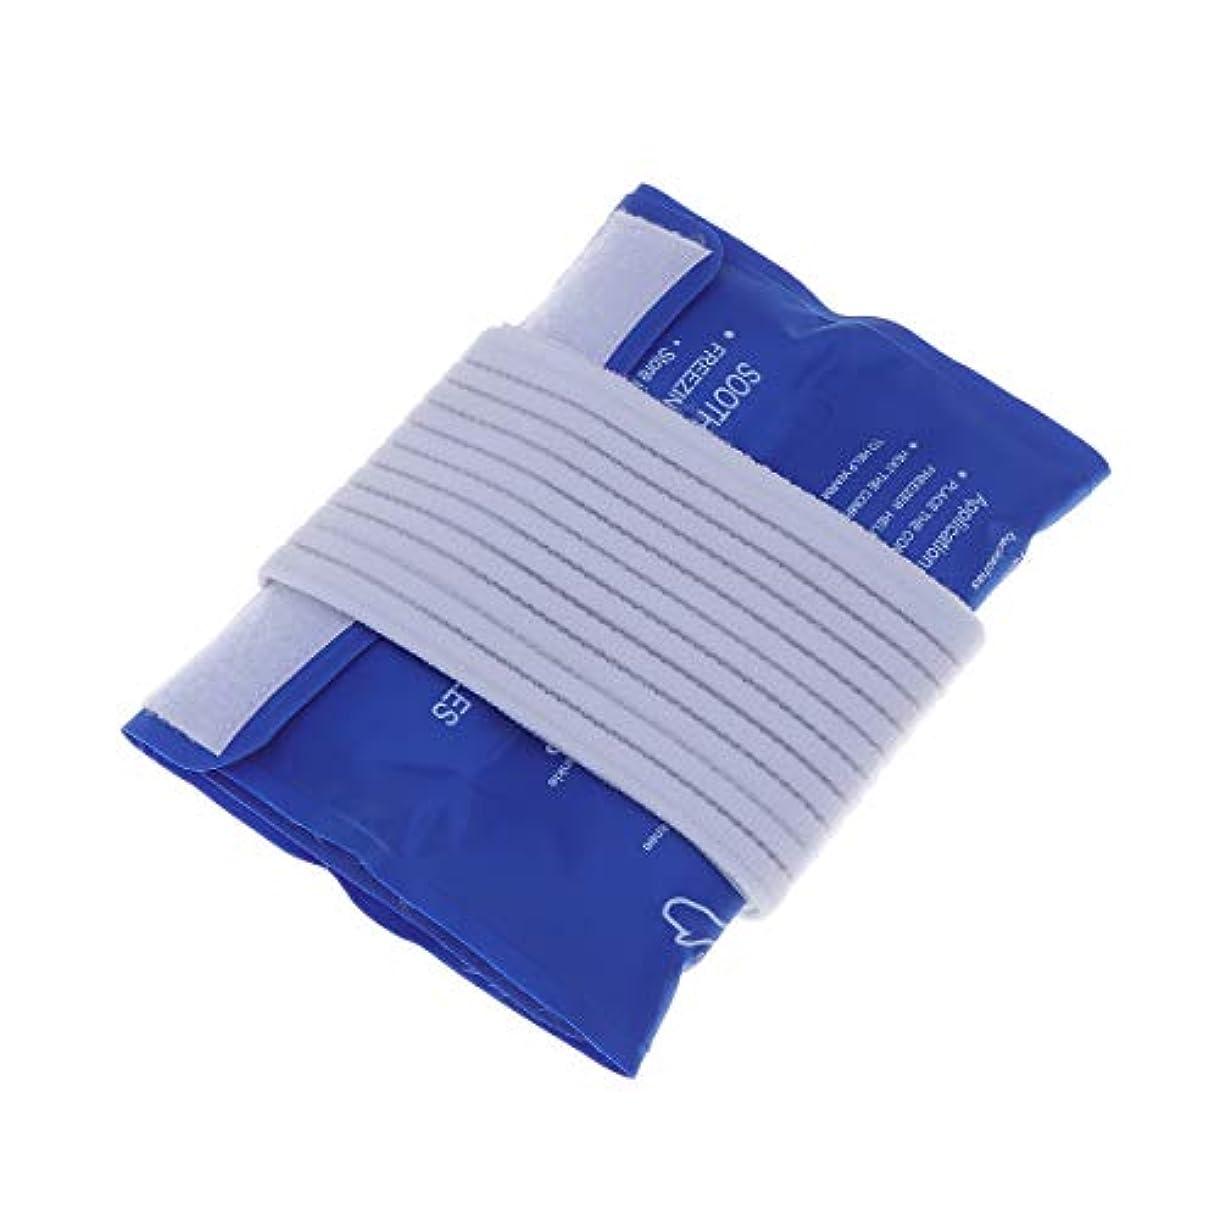 目を覚ます貞地上でSUPVOX ゲルアイスパックラップ医療冷却コンプレッションバッグ付き調節可能な弾性ストラップ付き捻挫筋肉痛傷害ホットコールドセラピー(ブルー)